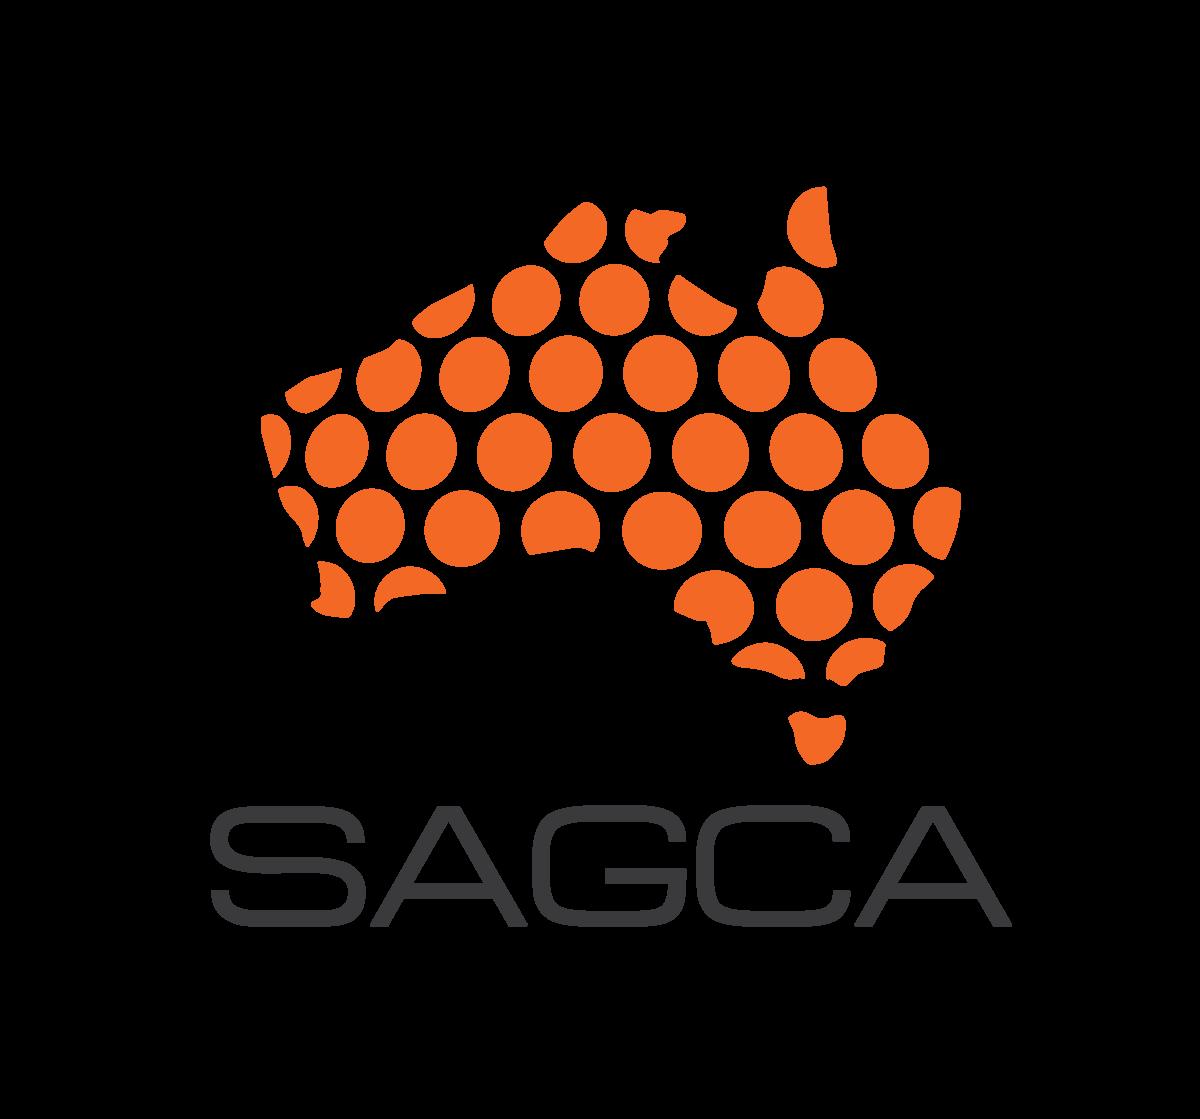 SAGCA